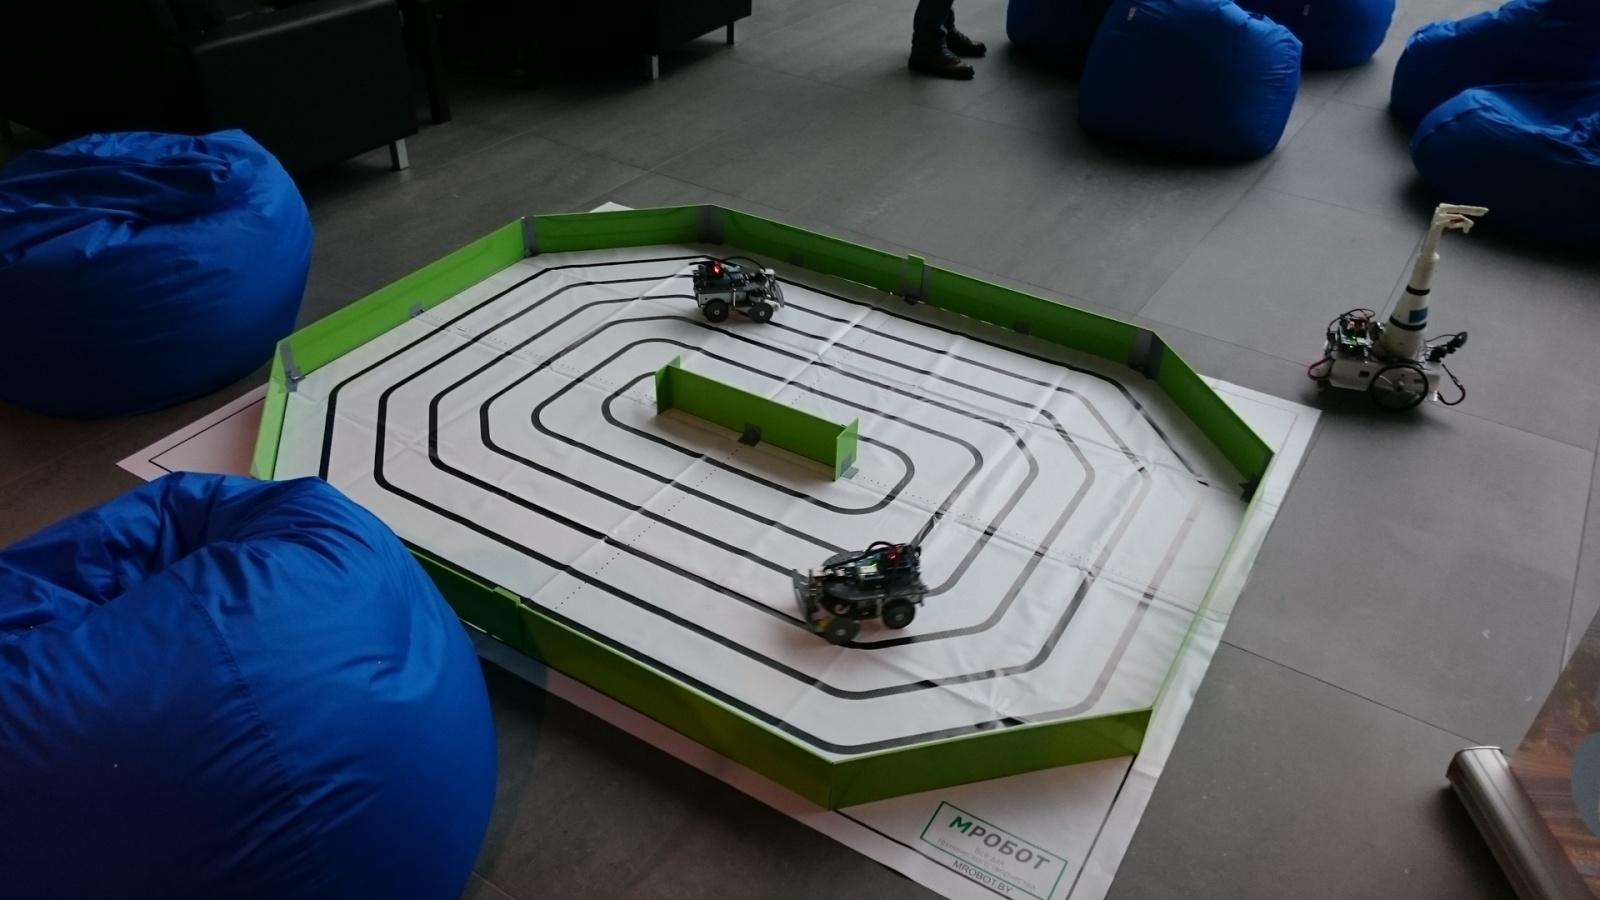 Образовательные наборы по робототехнике МРобот с Intel Inside - 6